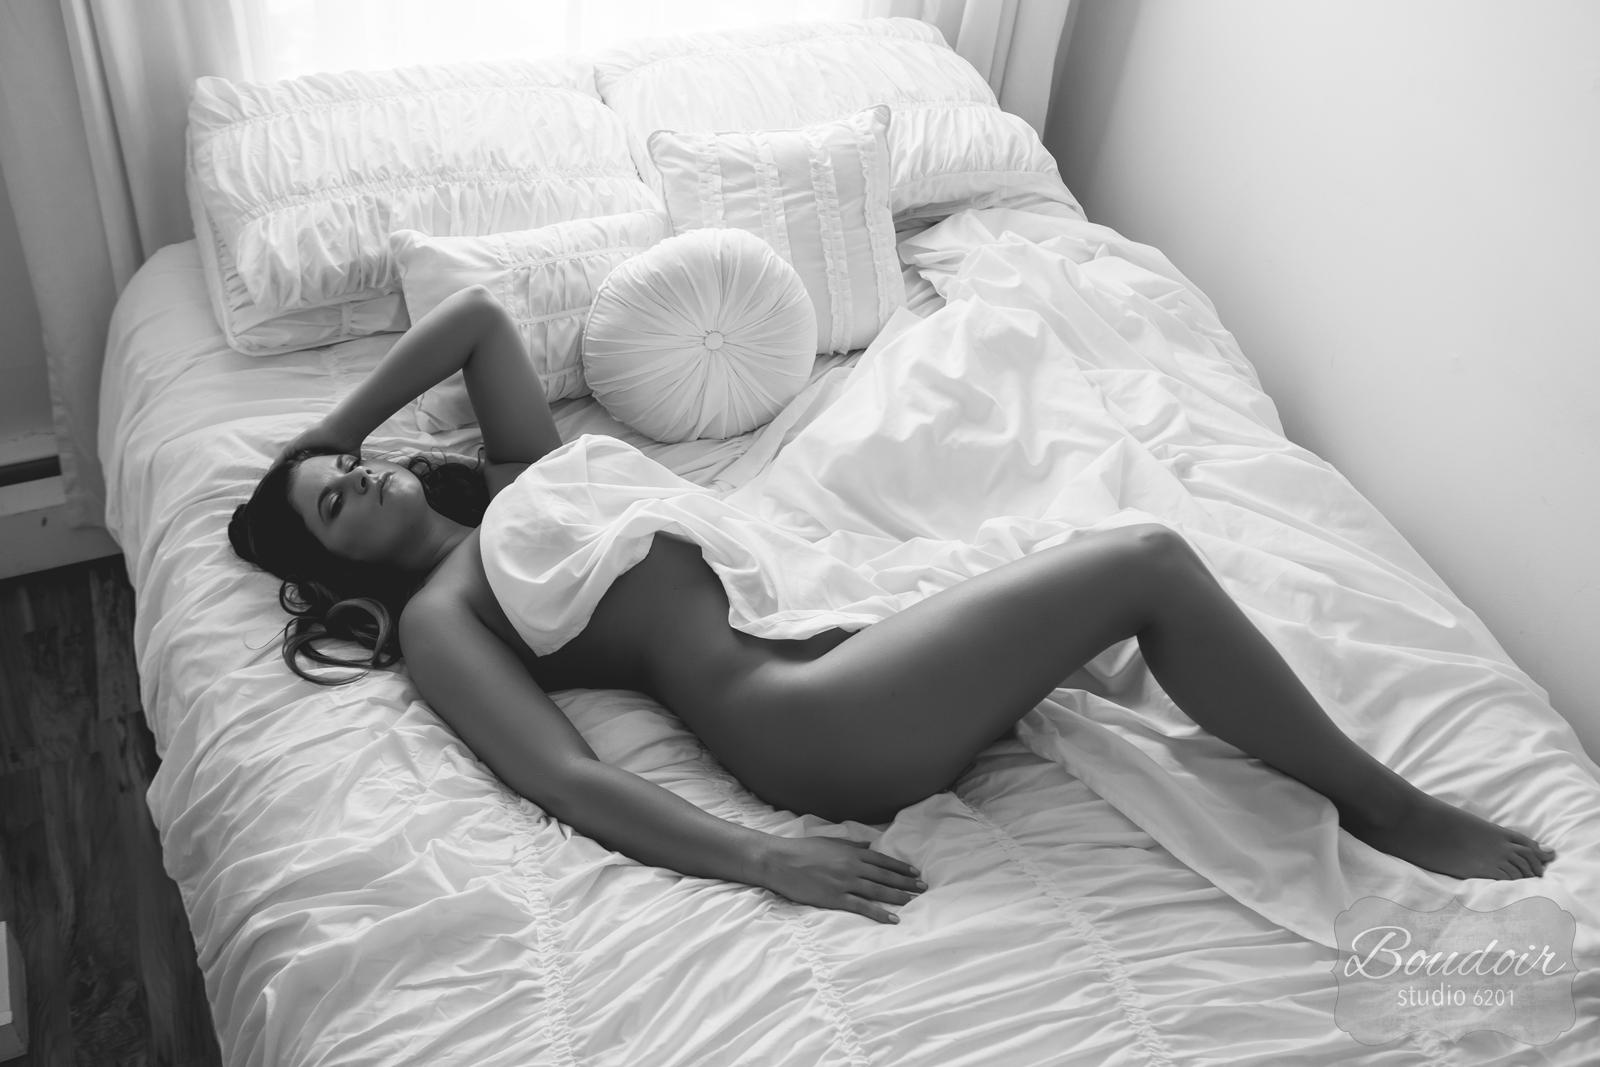 boudoir-studio-6201-summer-in-the-sheets026.jpg